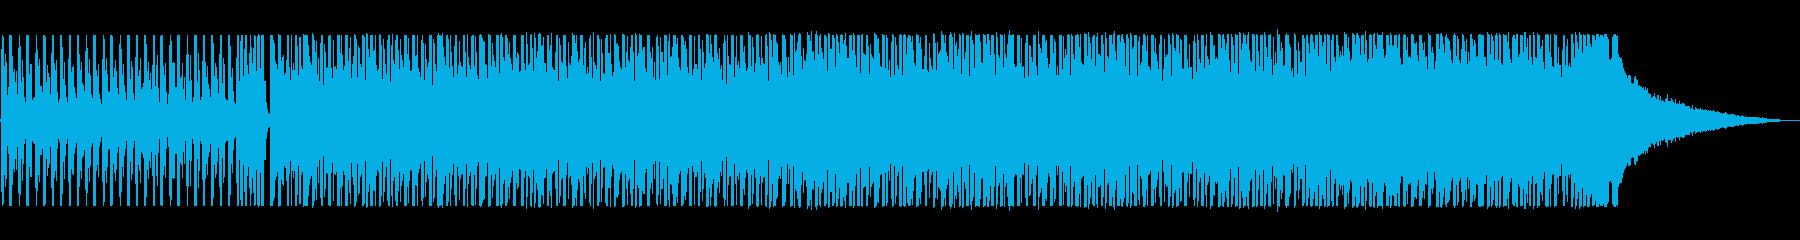 軽快なリズムのかっこいいテクノポップの再生済みの波形